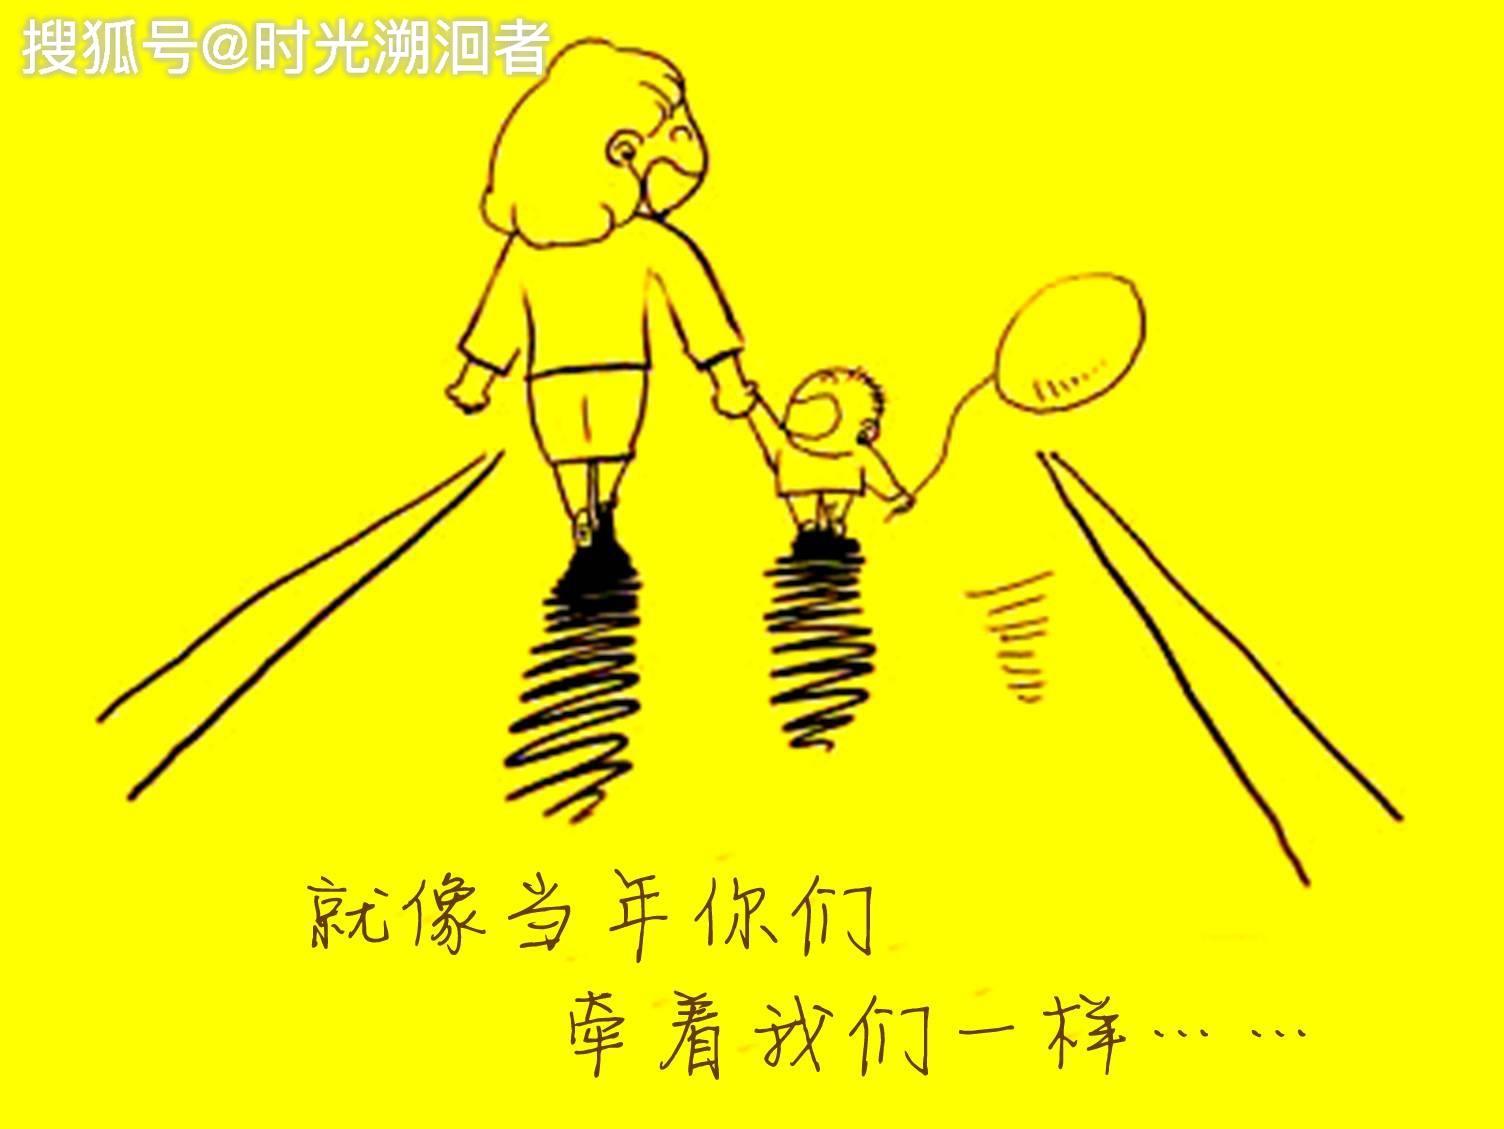 安步当车【重阳节:致即将老去的我,安步当车就好】